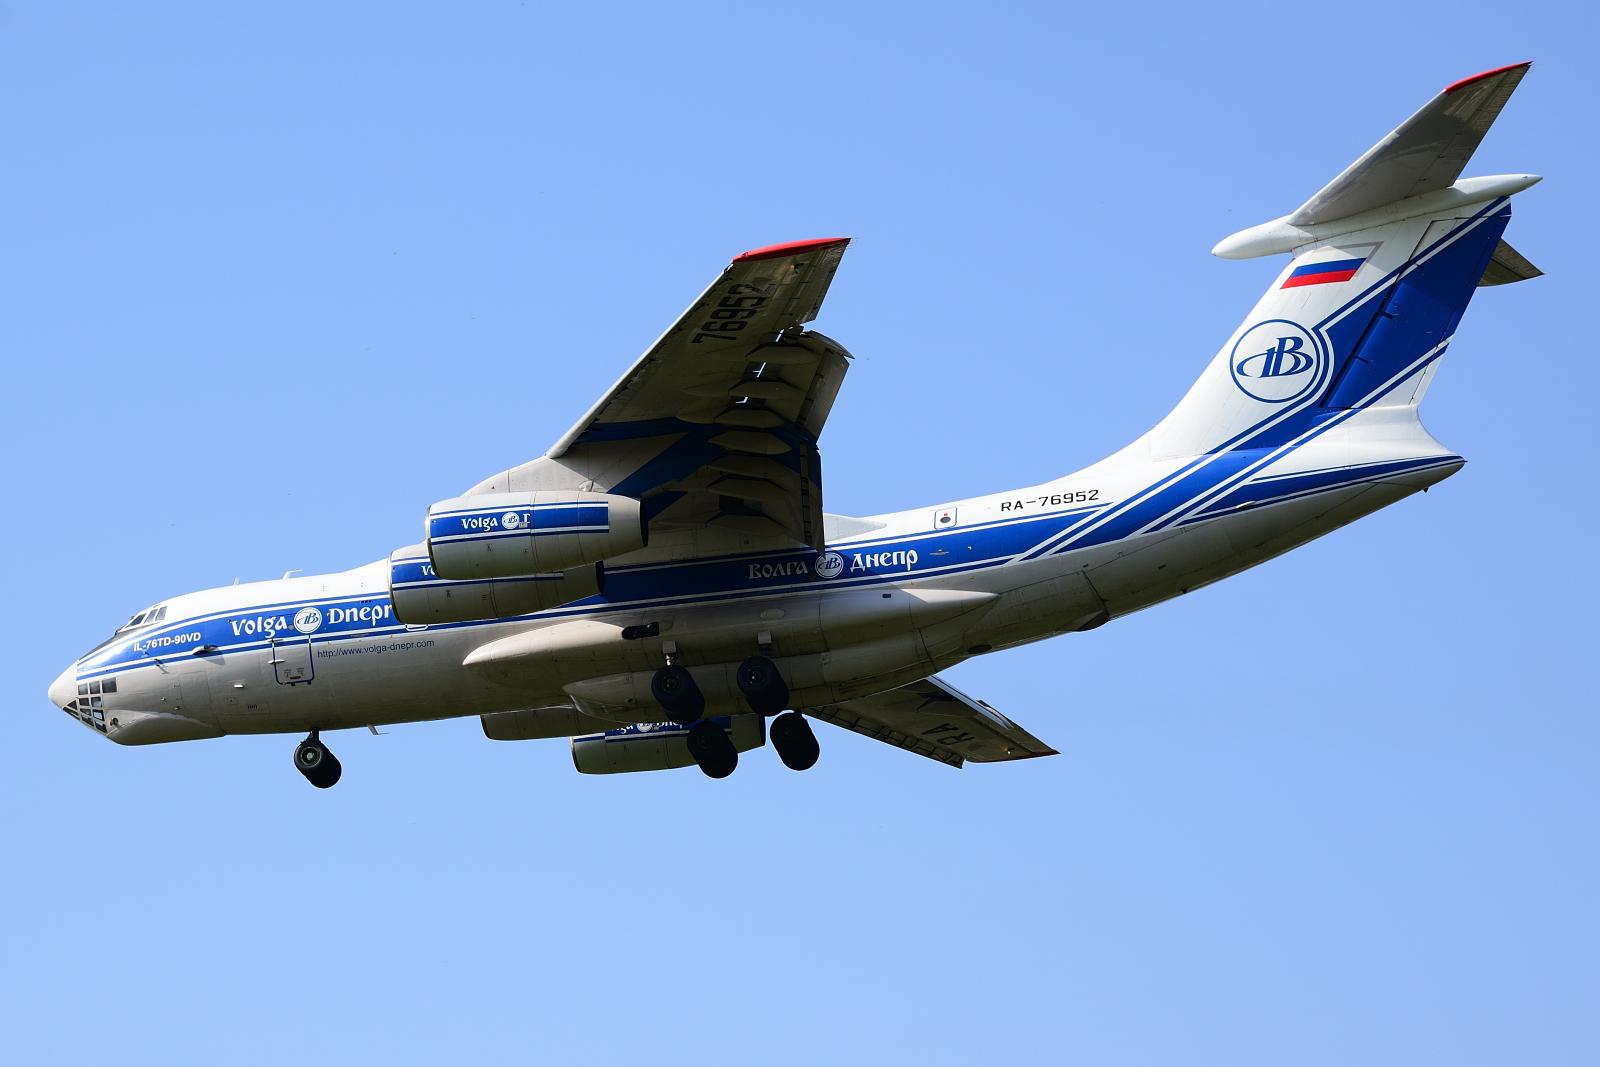 IL-76, RA-76952